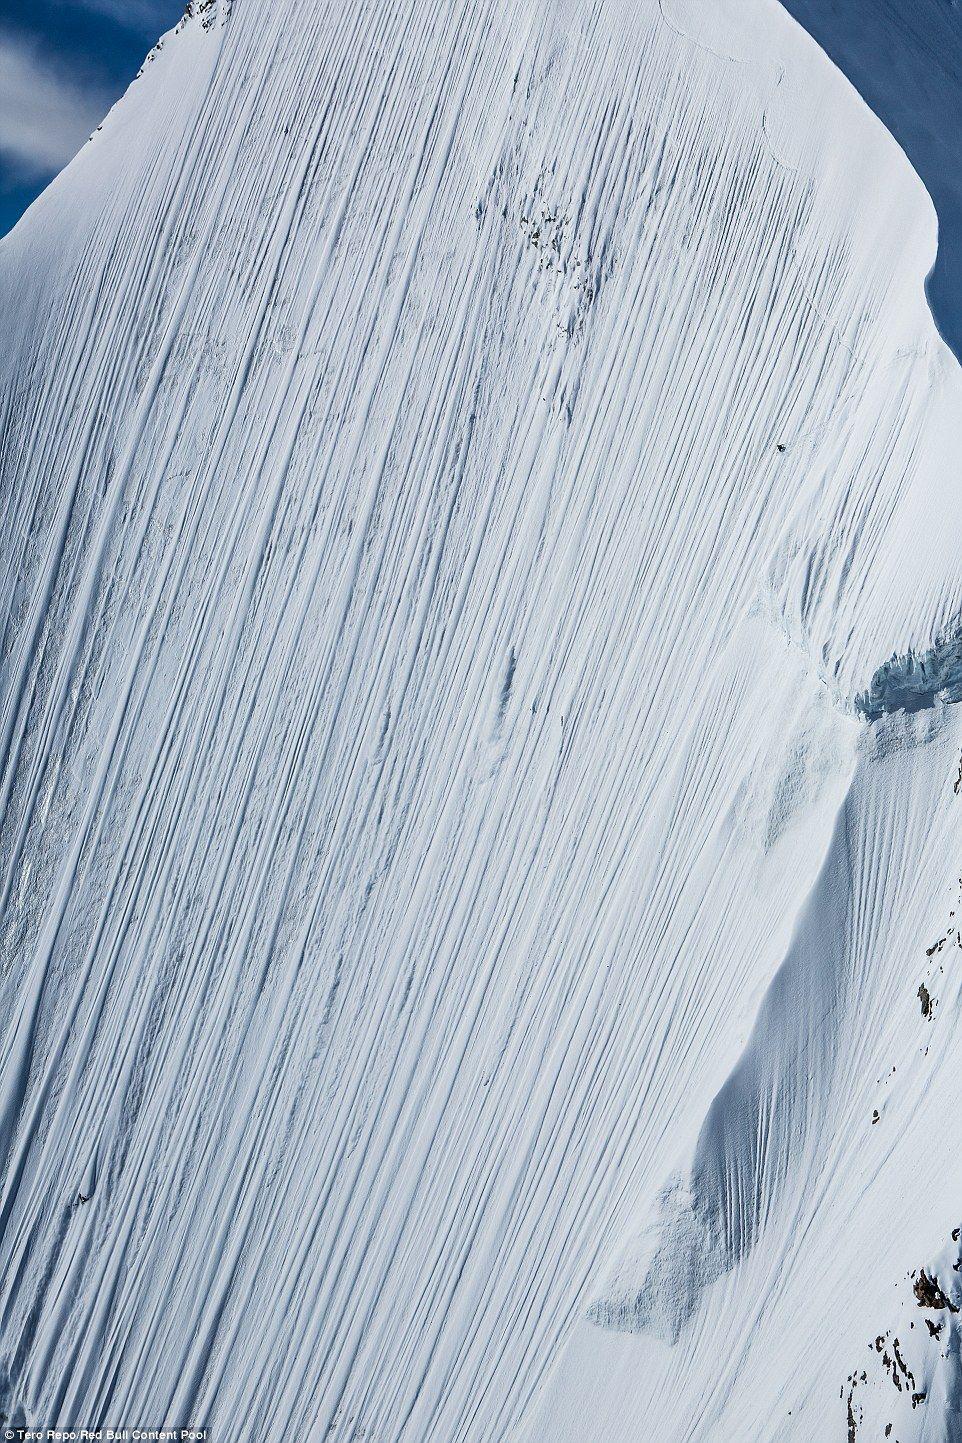 La pendiente de 4 kilómetros que descendió Heitz. En la parte superior derecha de la toma se puede observar la diminuta figura del esquiador suizo. Foto de